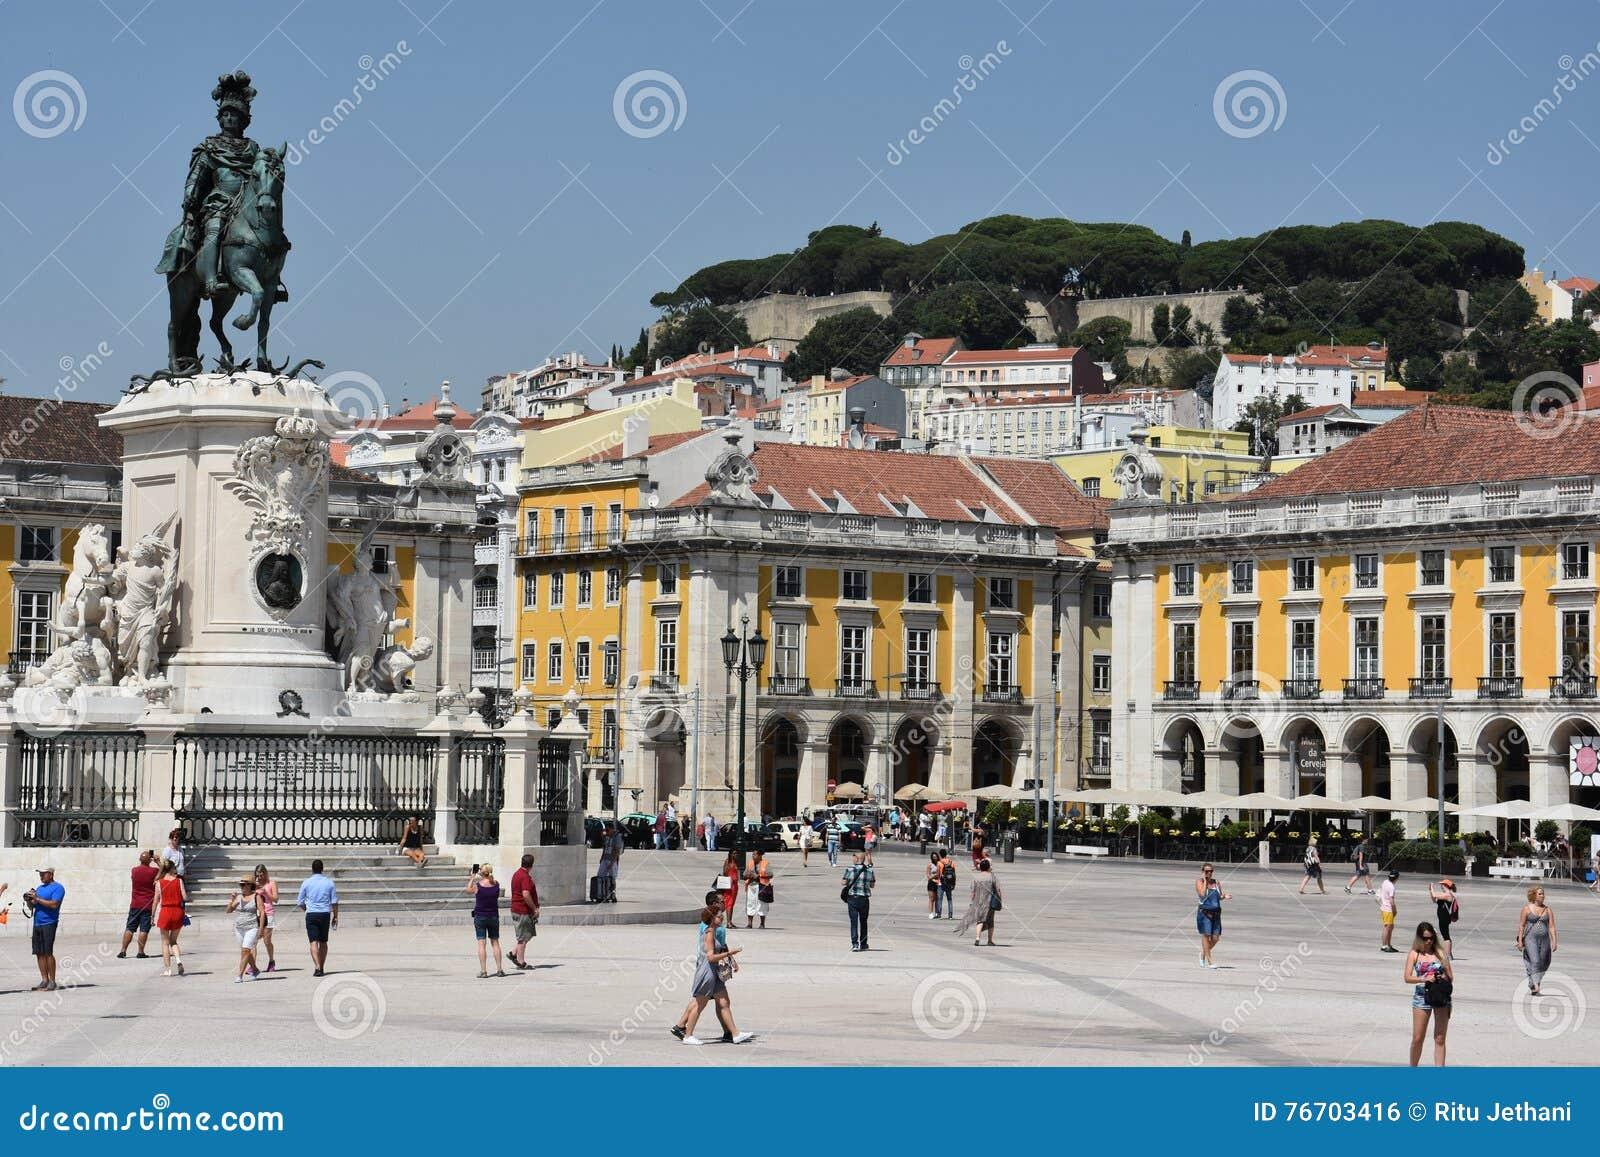 Praca faz Comercio em Lisboa, Portugal